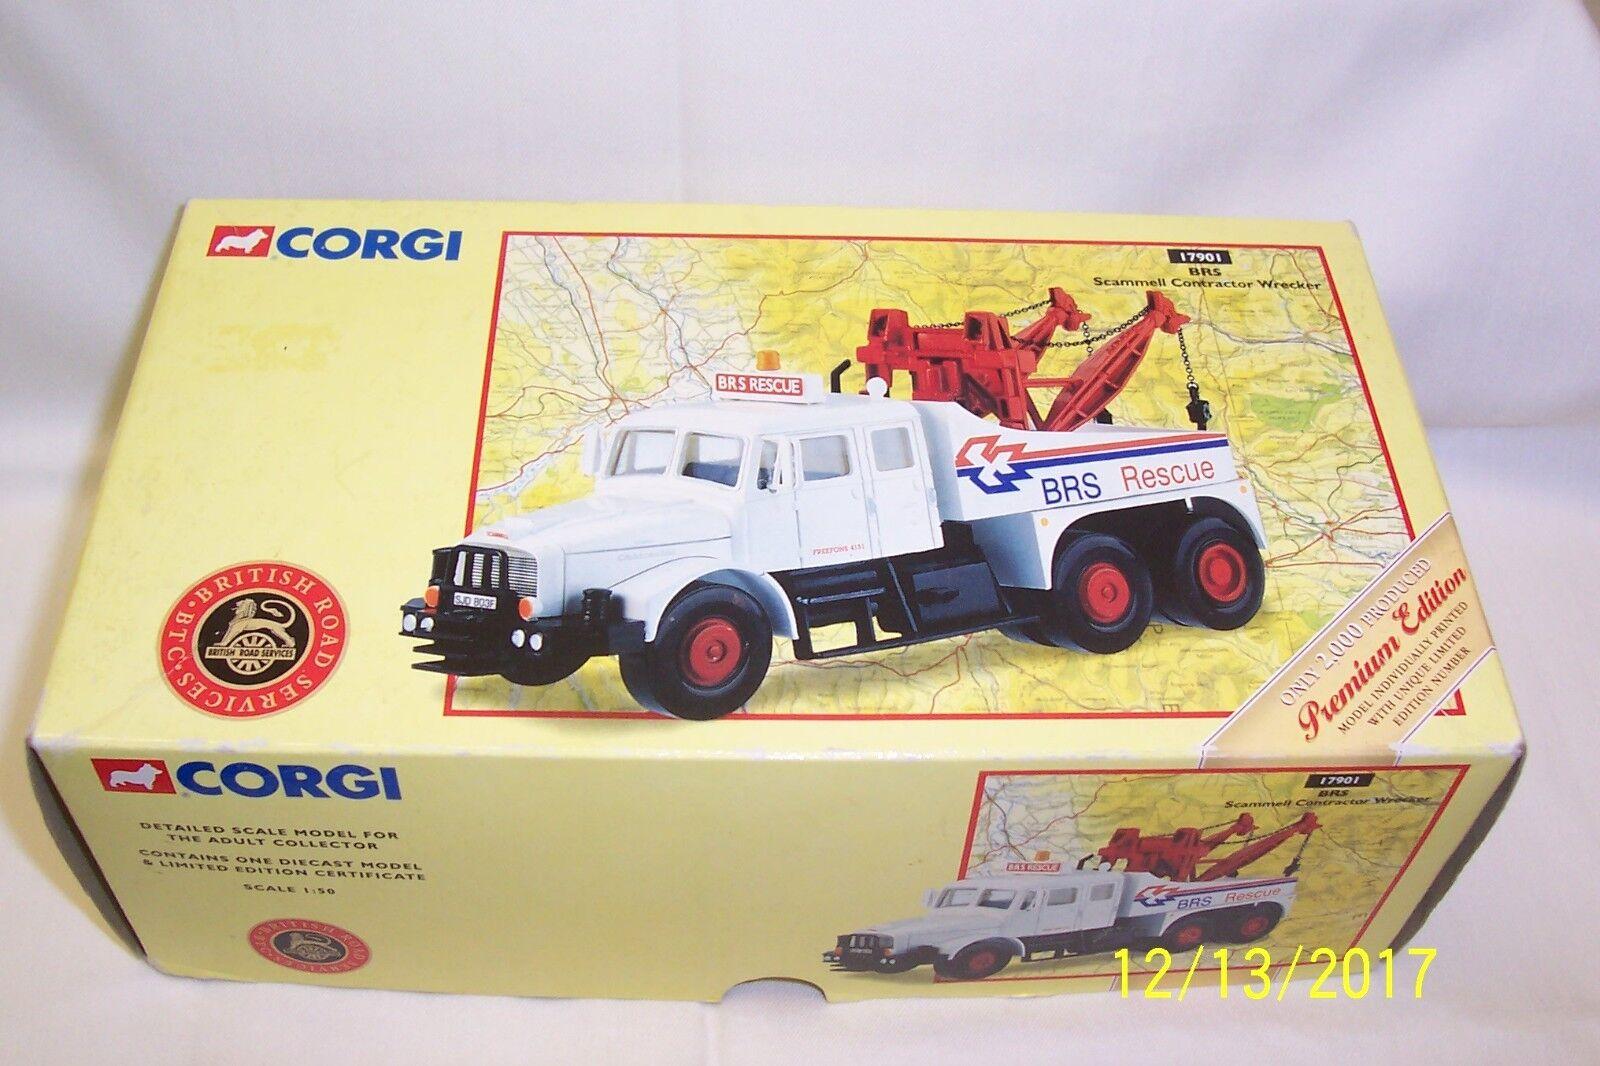 Corgi-Camioneta Moderno-transporte pesado-Scammell contratista Grúa-Brs..